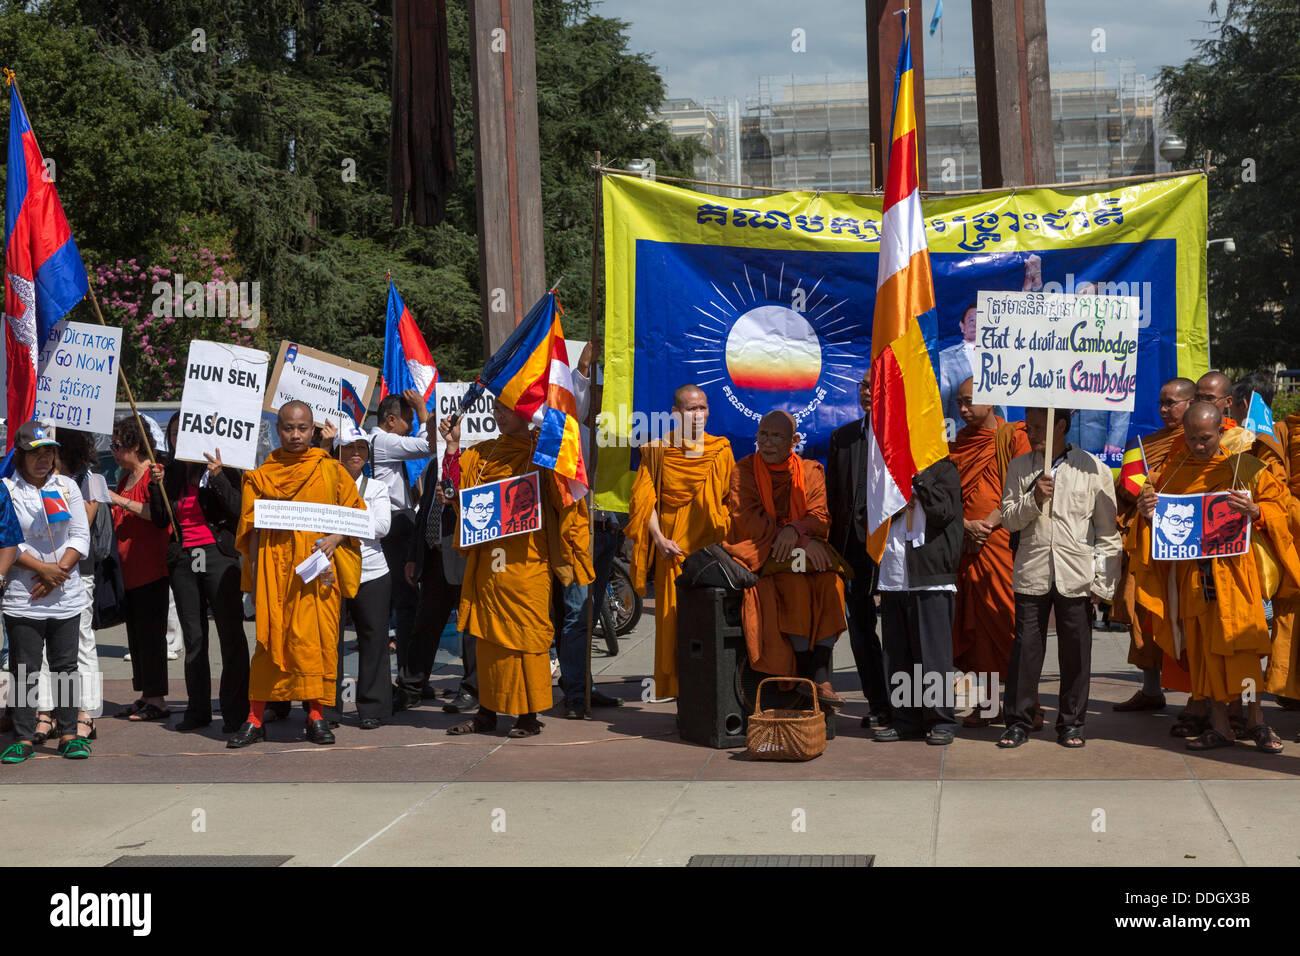 Los camboyanos protestando contra el primer ministro de Camboya, Hun Sen, fuera de las Naciones Unidas, Ginebra, Imagen De Stock